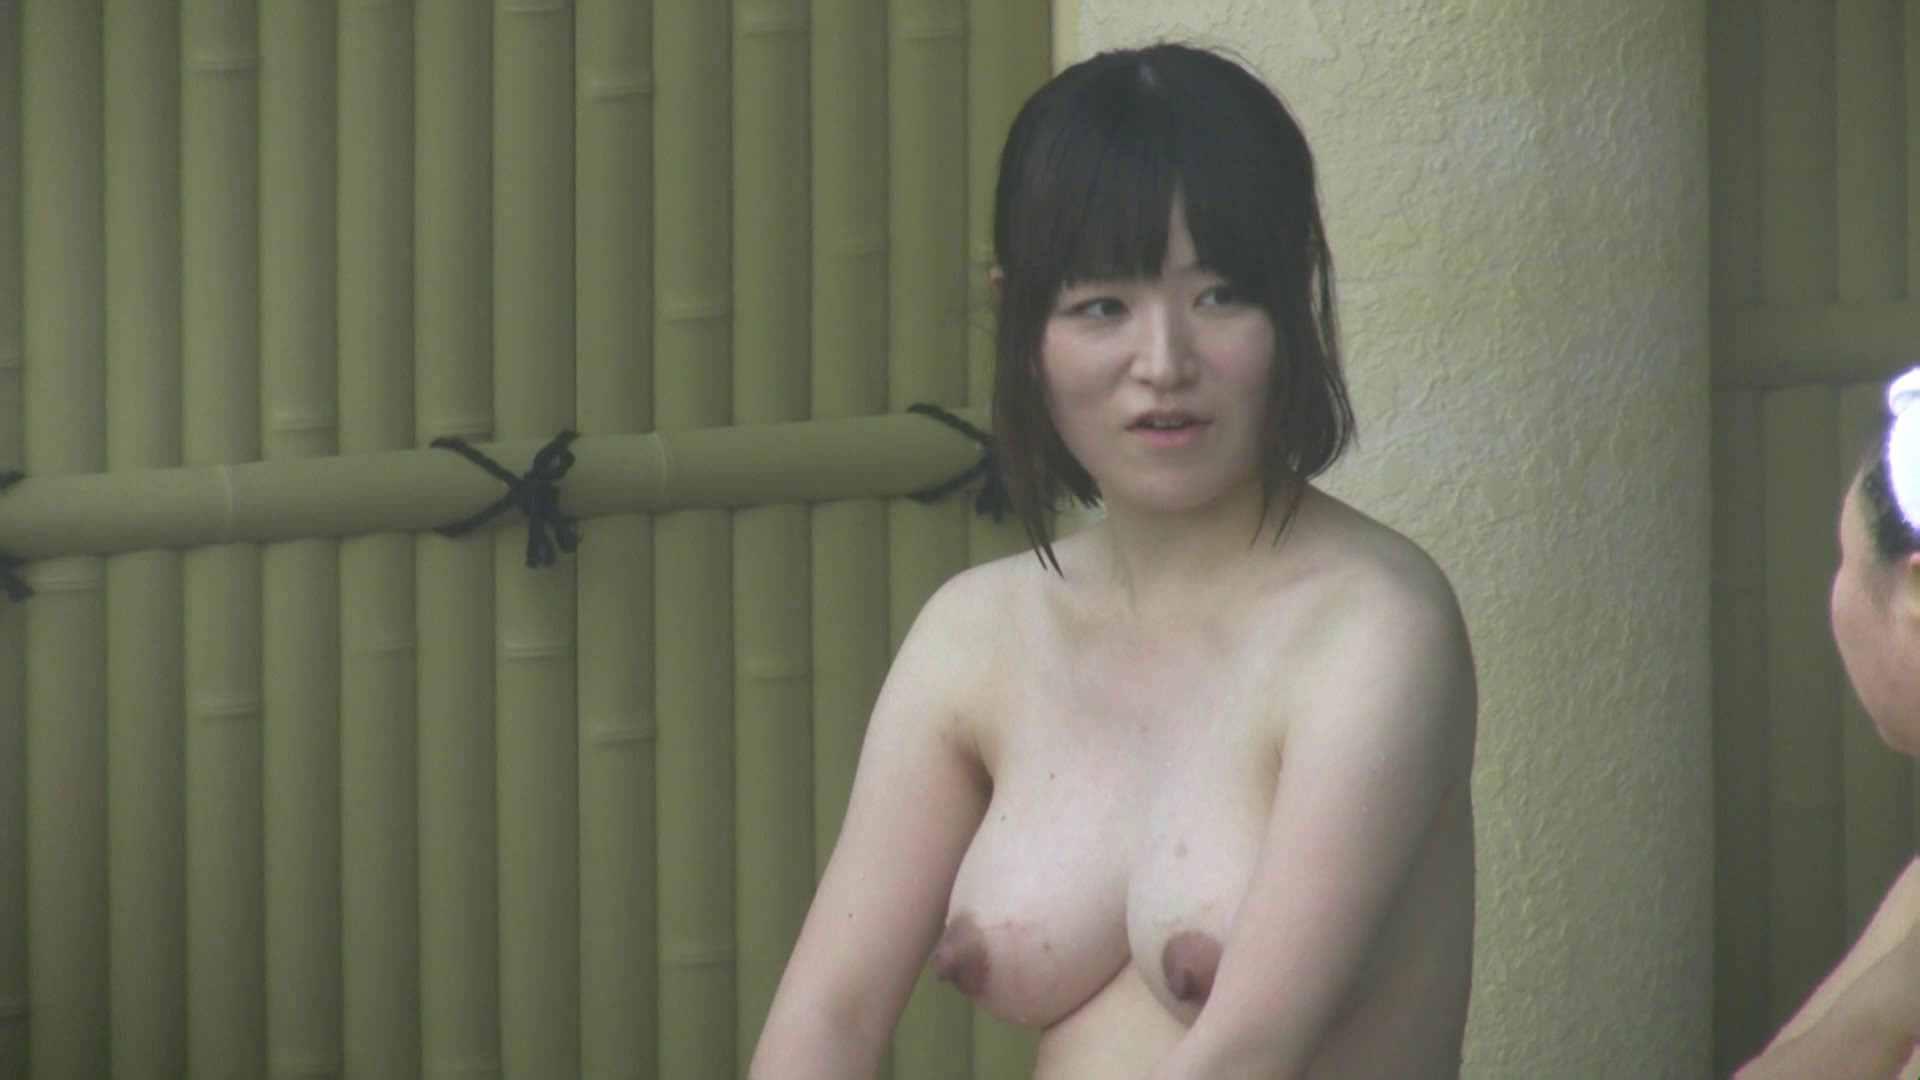 Aquaな露天風呂Vol.606 露天風呂 | 盗撮  25連発 25